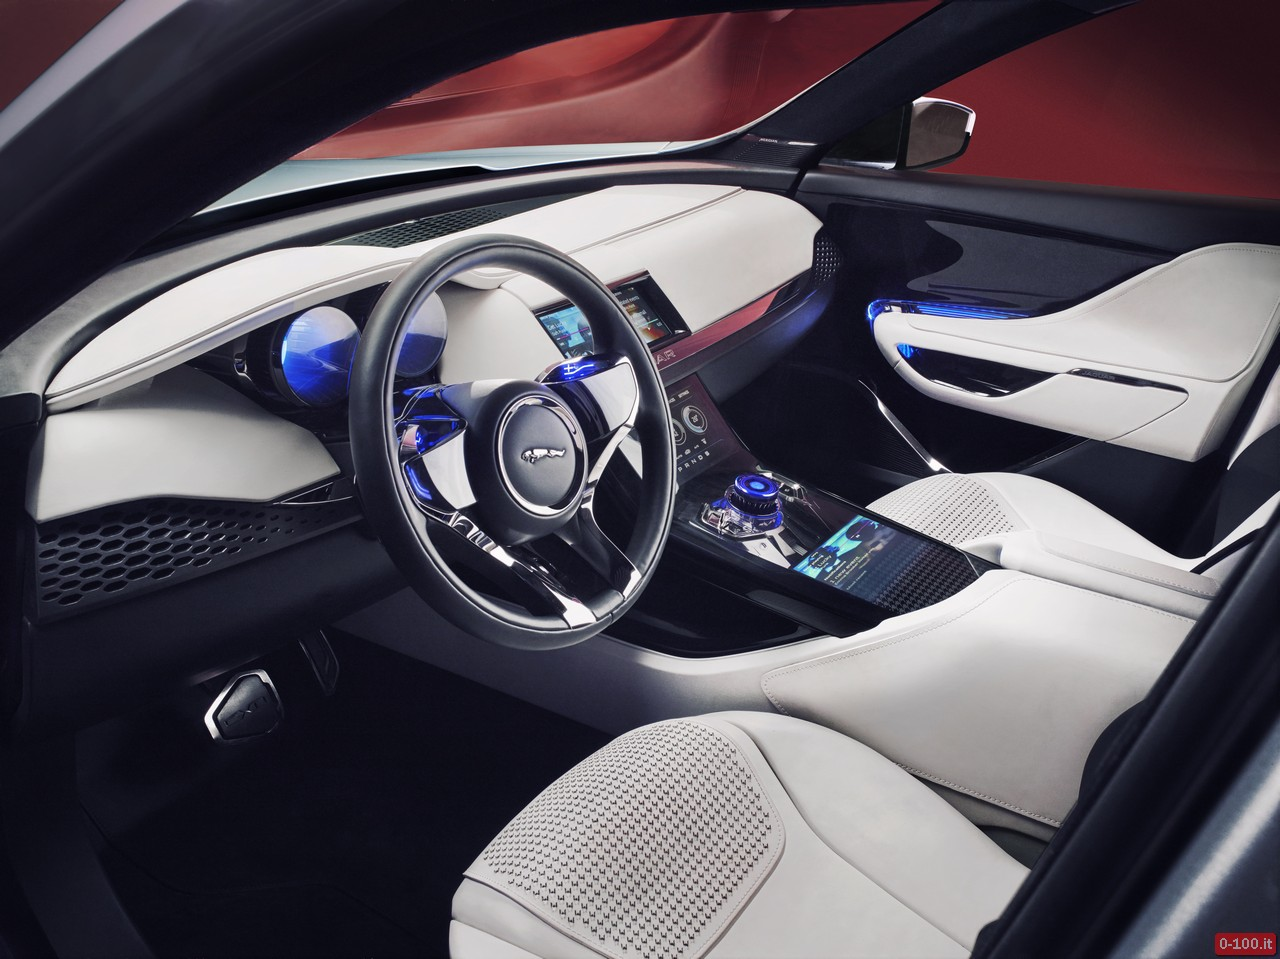 jaguar-c-x17-dubai-price-aluminum_0-100_35